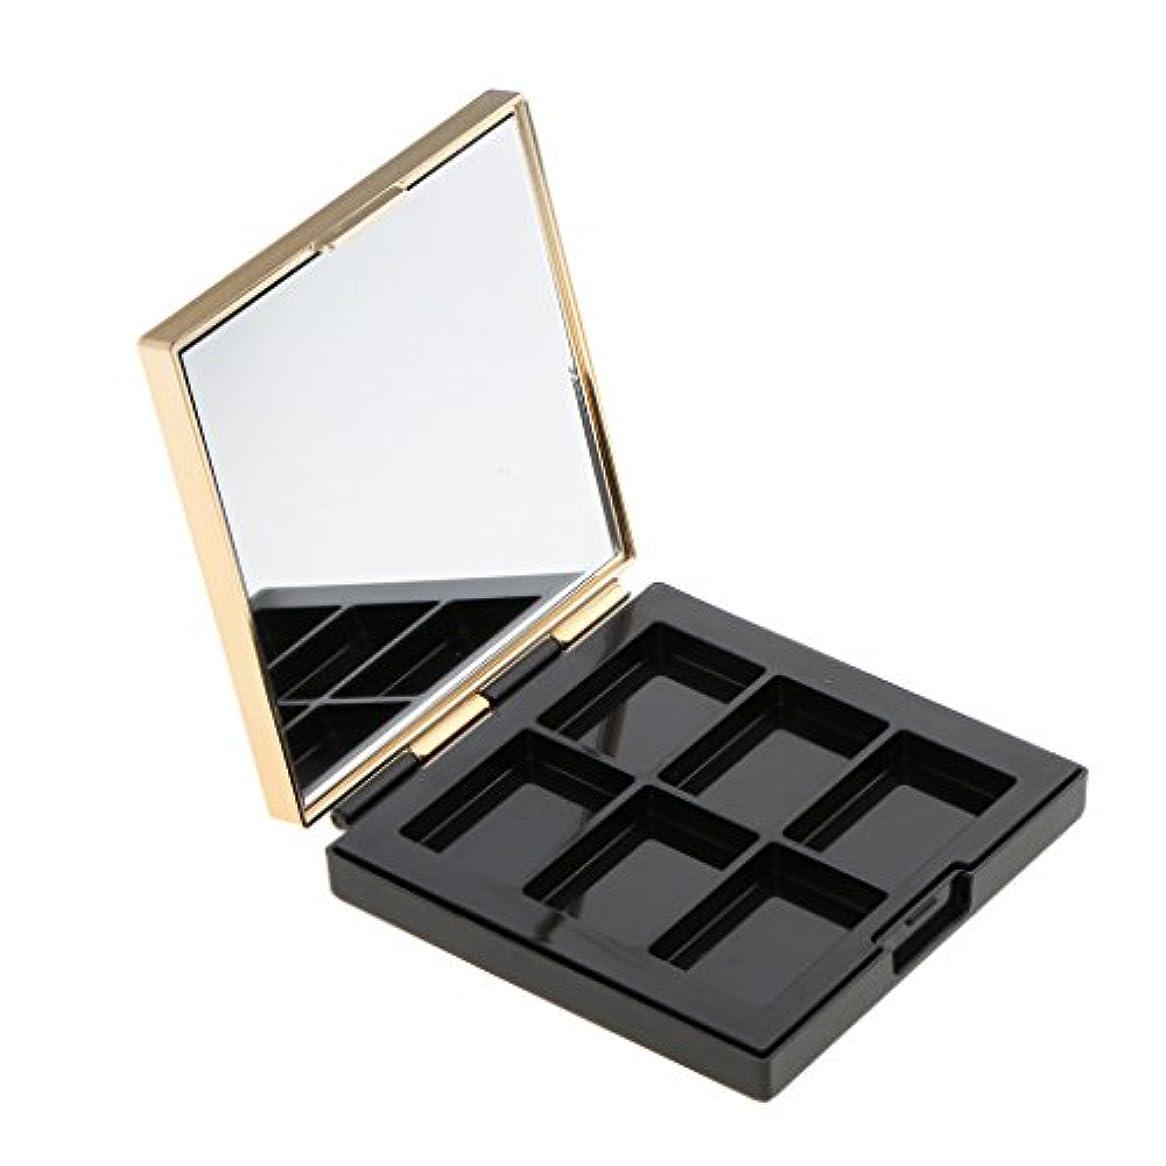 しかしながら中に楽しませるBaosity 空パレット 収納ボックス 高品質 ABS製 DIY コスメ収納 メイクアップケース ミラー付き